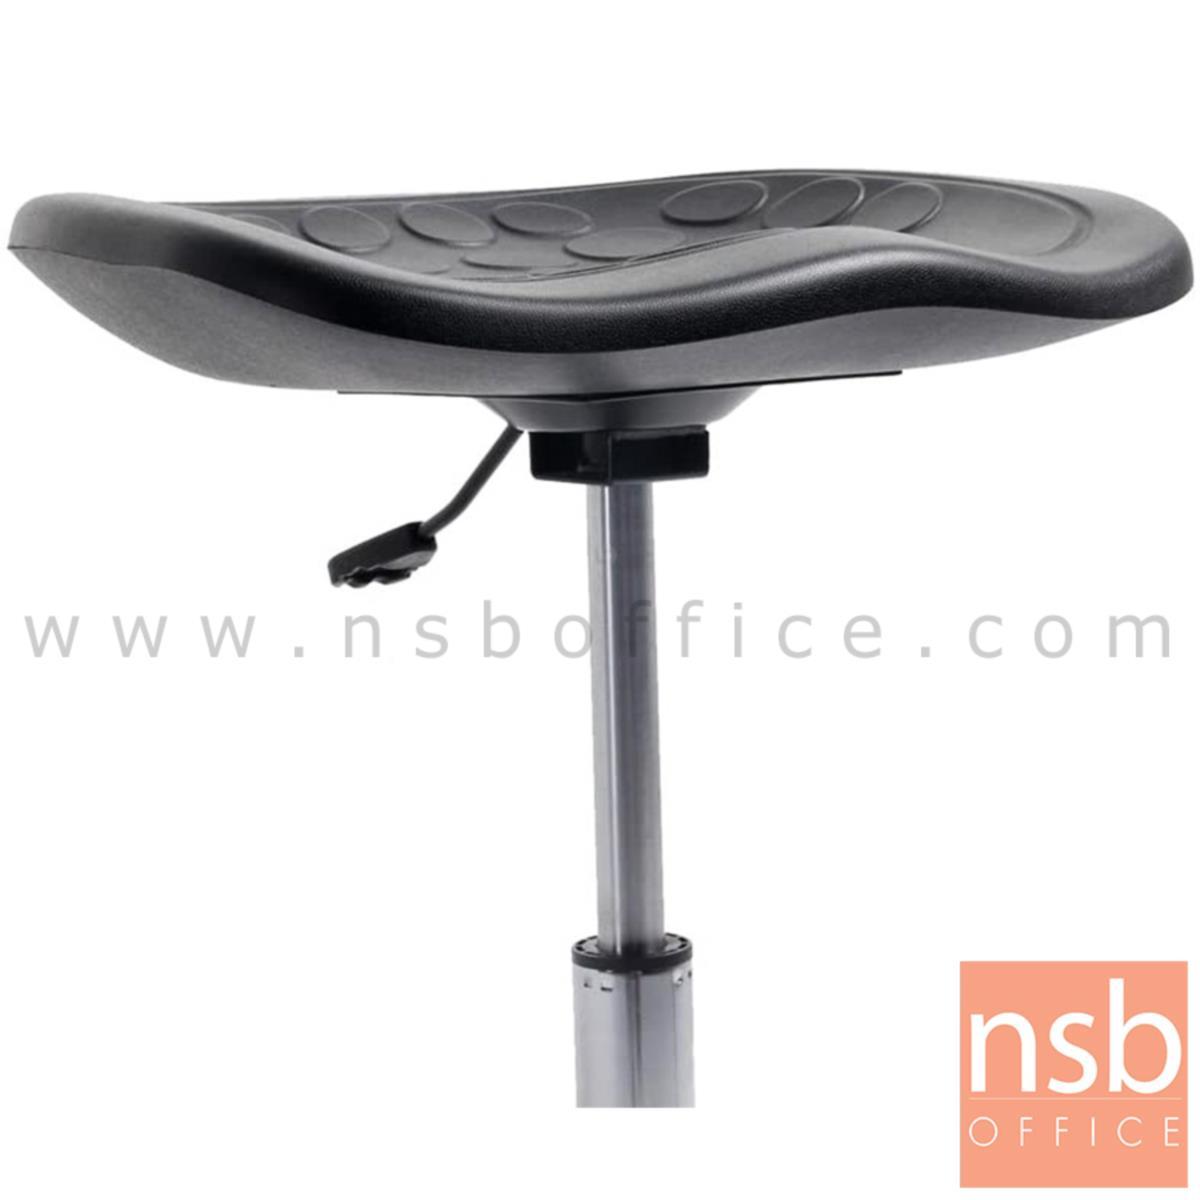 เก้าอี้บาร์สตูลที่นั่งเหลี่ยม รุ่น Denig (ดีนิก)  โช๊คแก๊ส ขาเหล็กชุบโครเมี่ยม